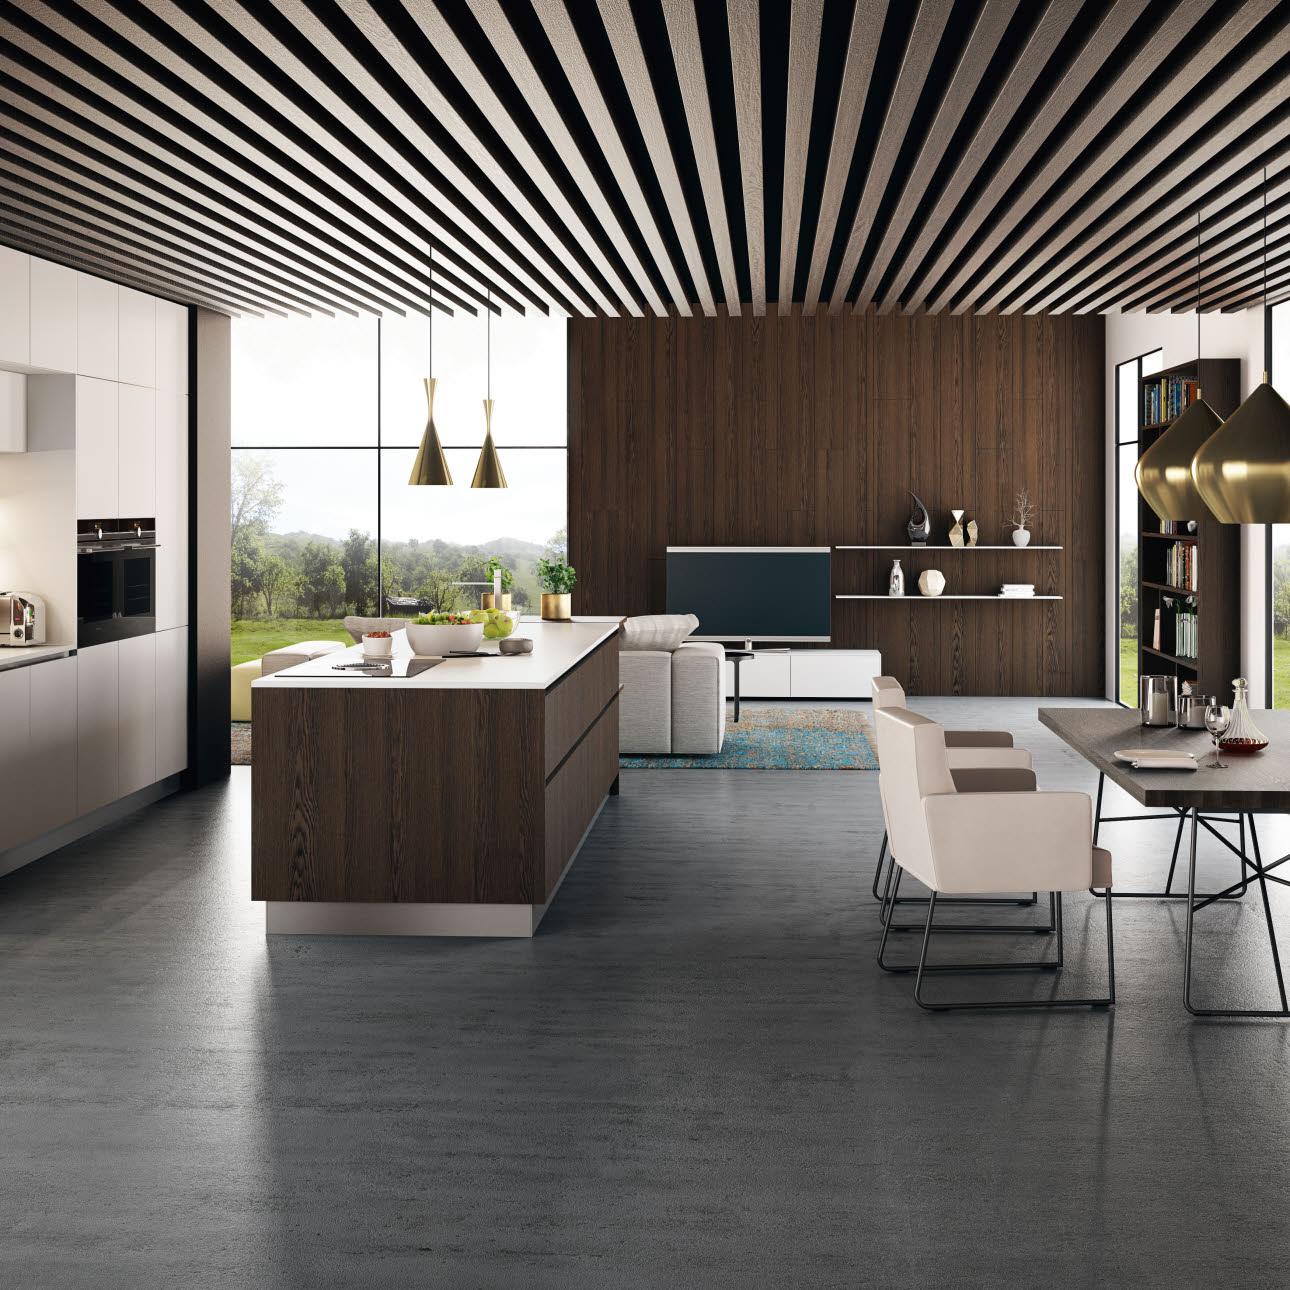 k chenmodelle inspiration f r mehr lebensqualit t ewe. Black Bedroom Furniture Sets. Home Design Ideas